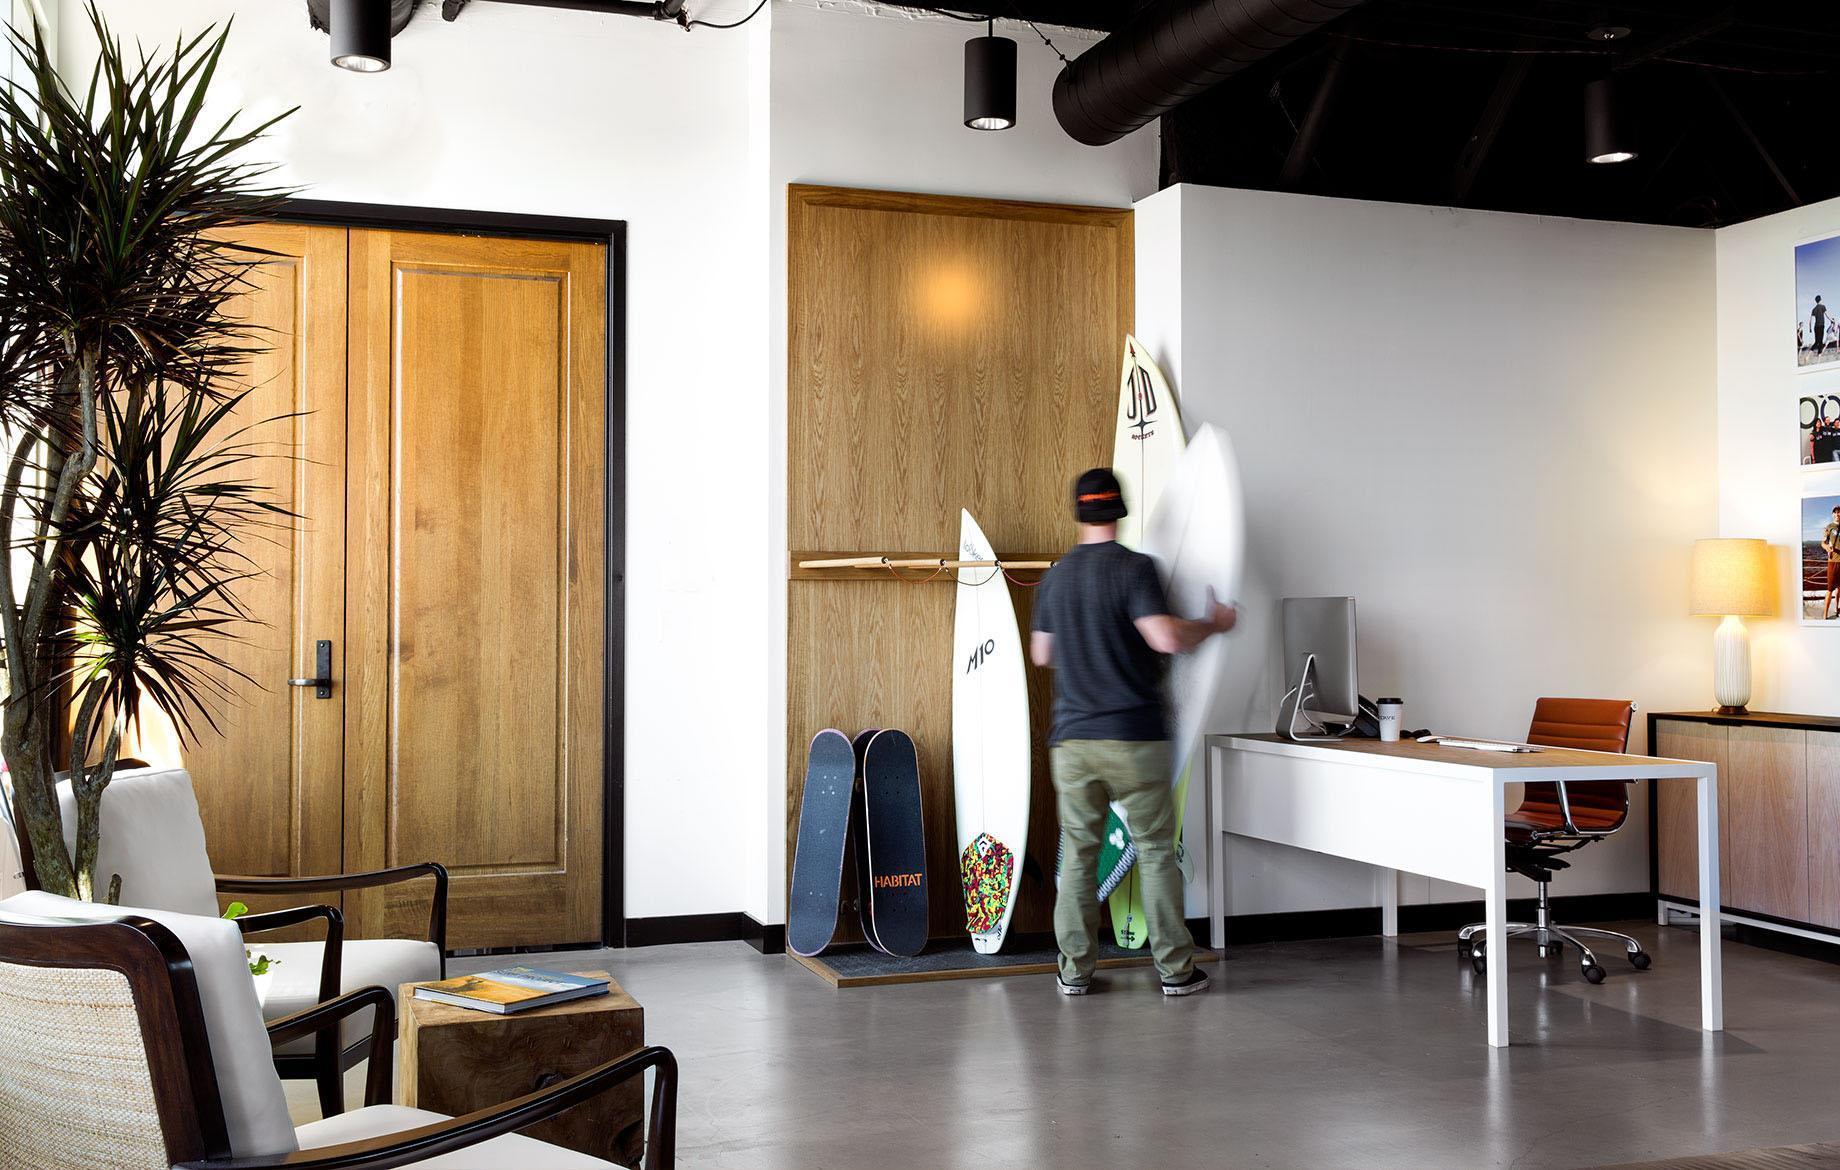 looker santa cruz office 5 A Peek Inside Lookeru0027s Santa Cruz